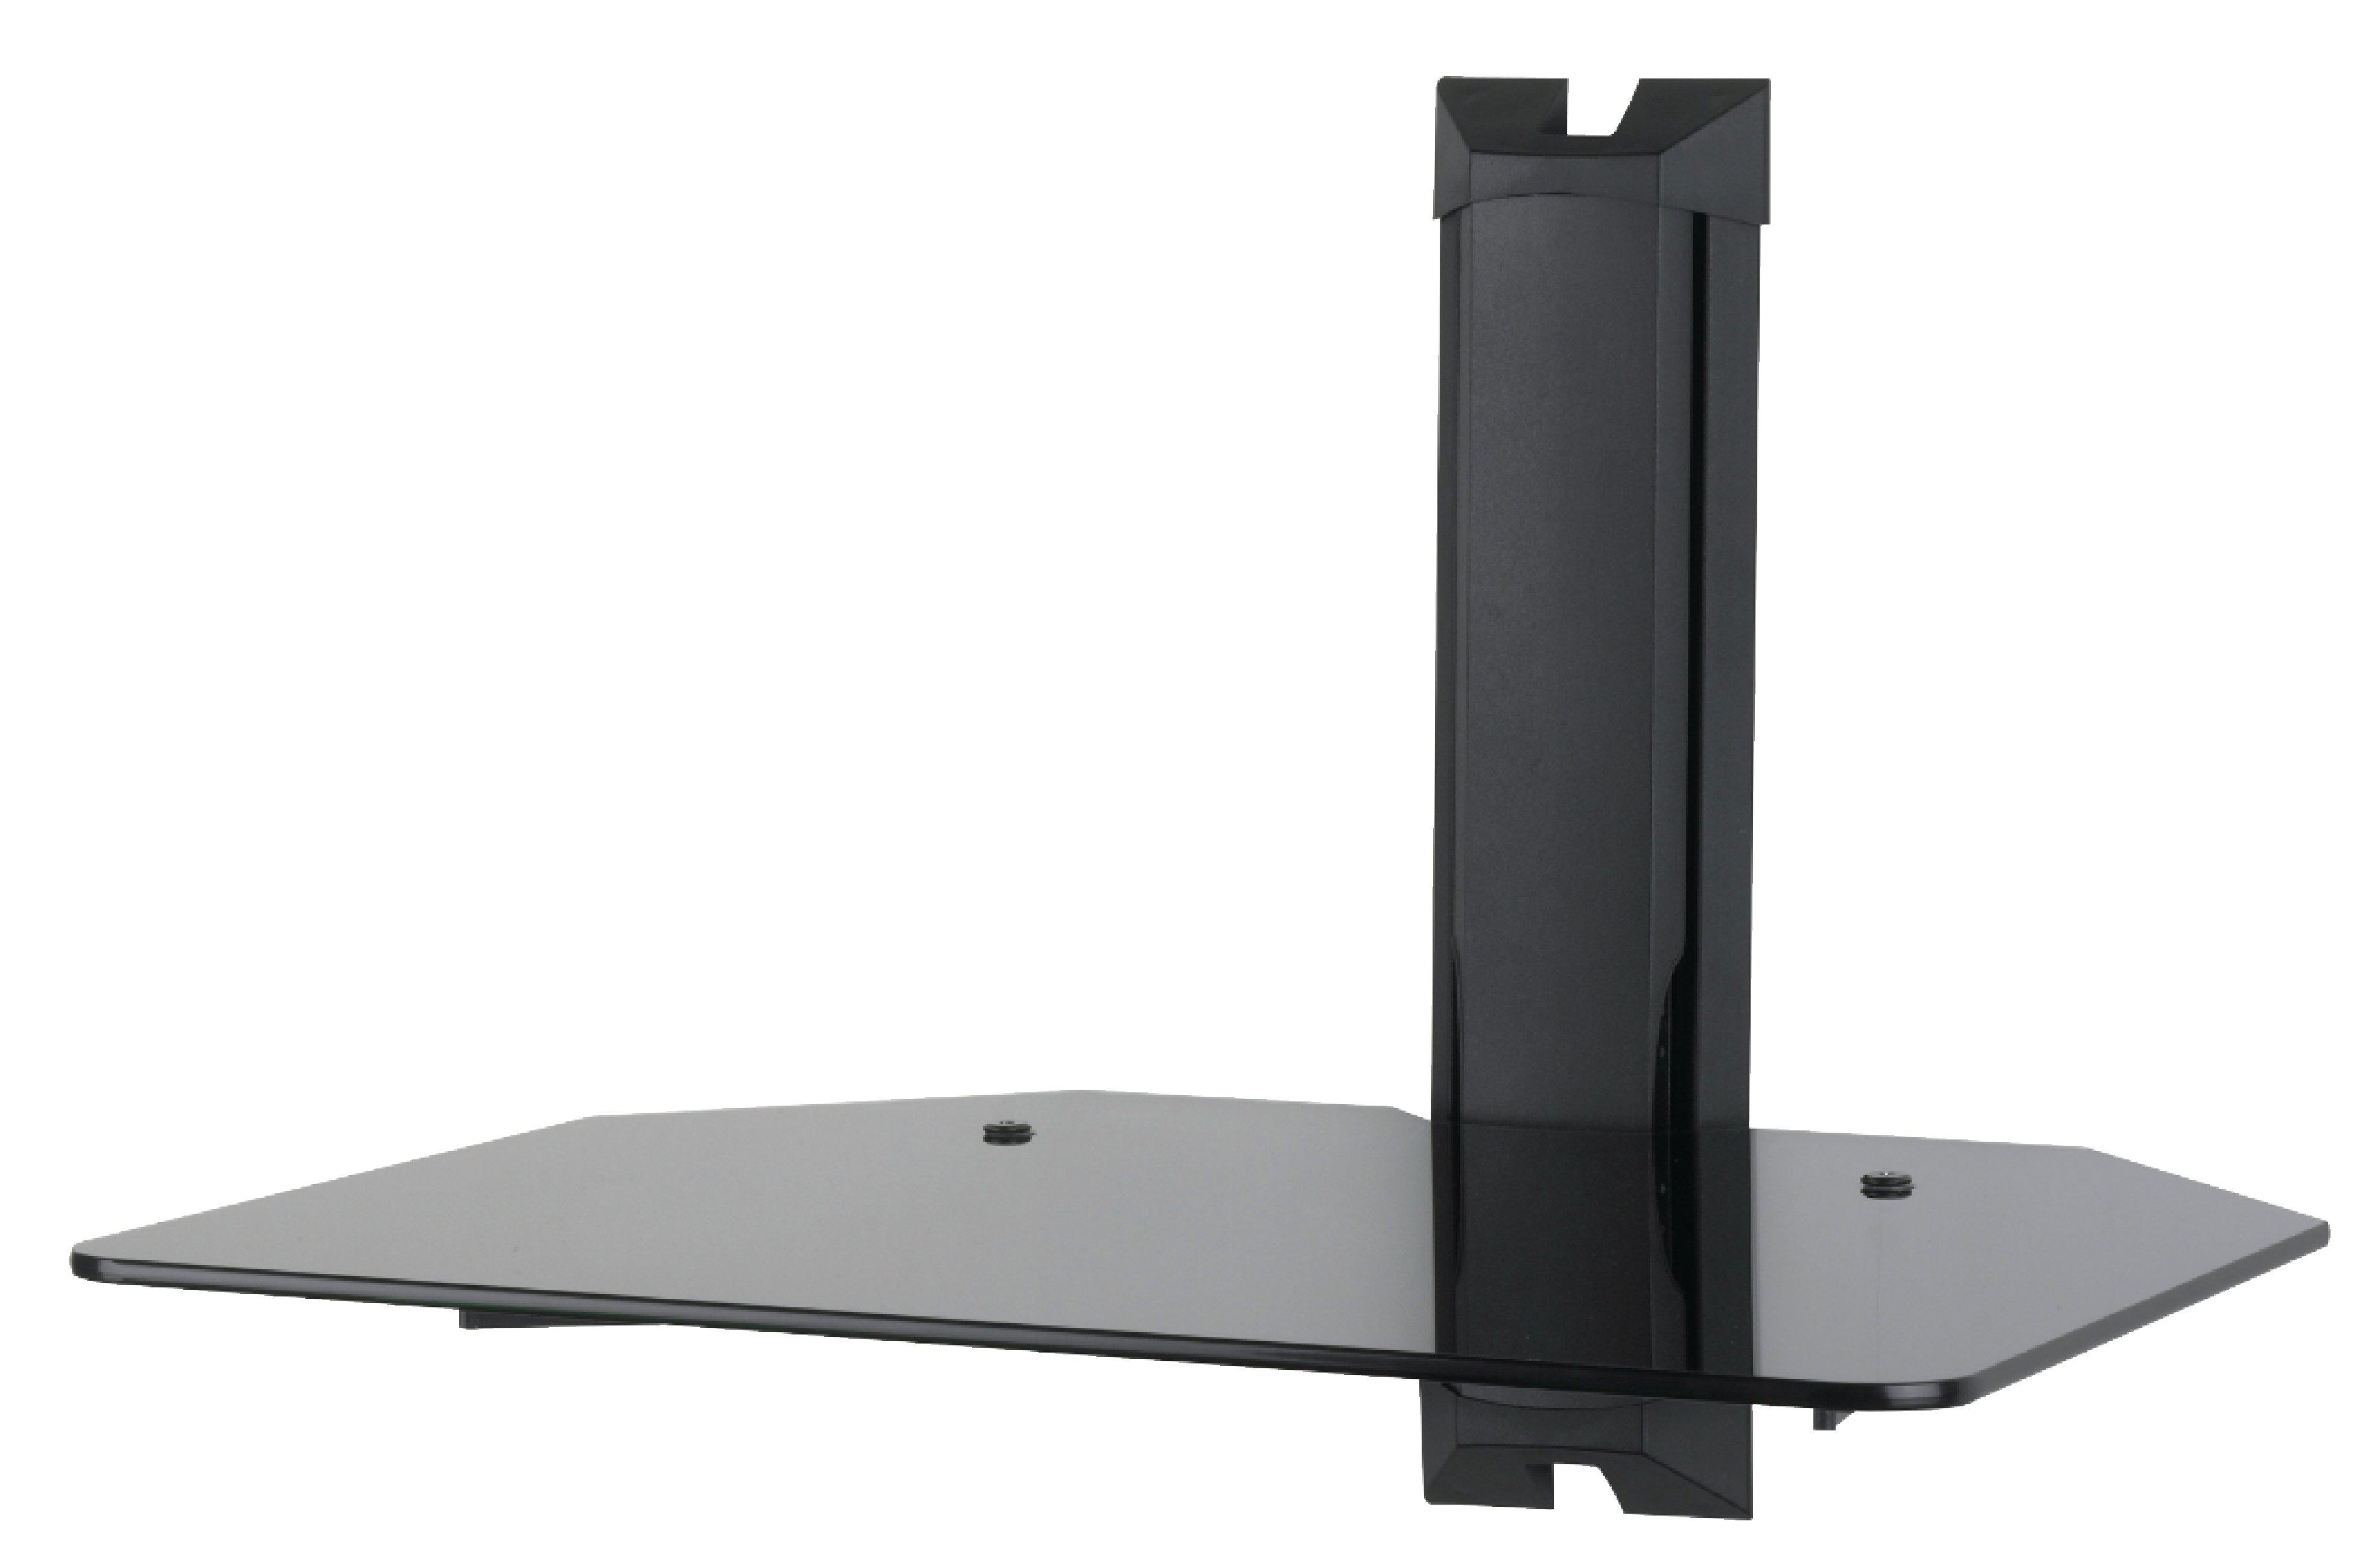 A/V wall shelf, TV wall shelf